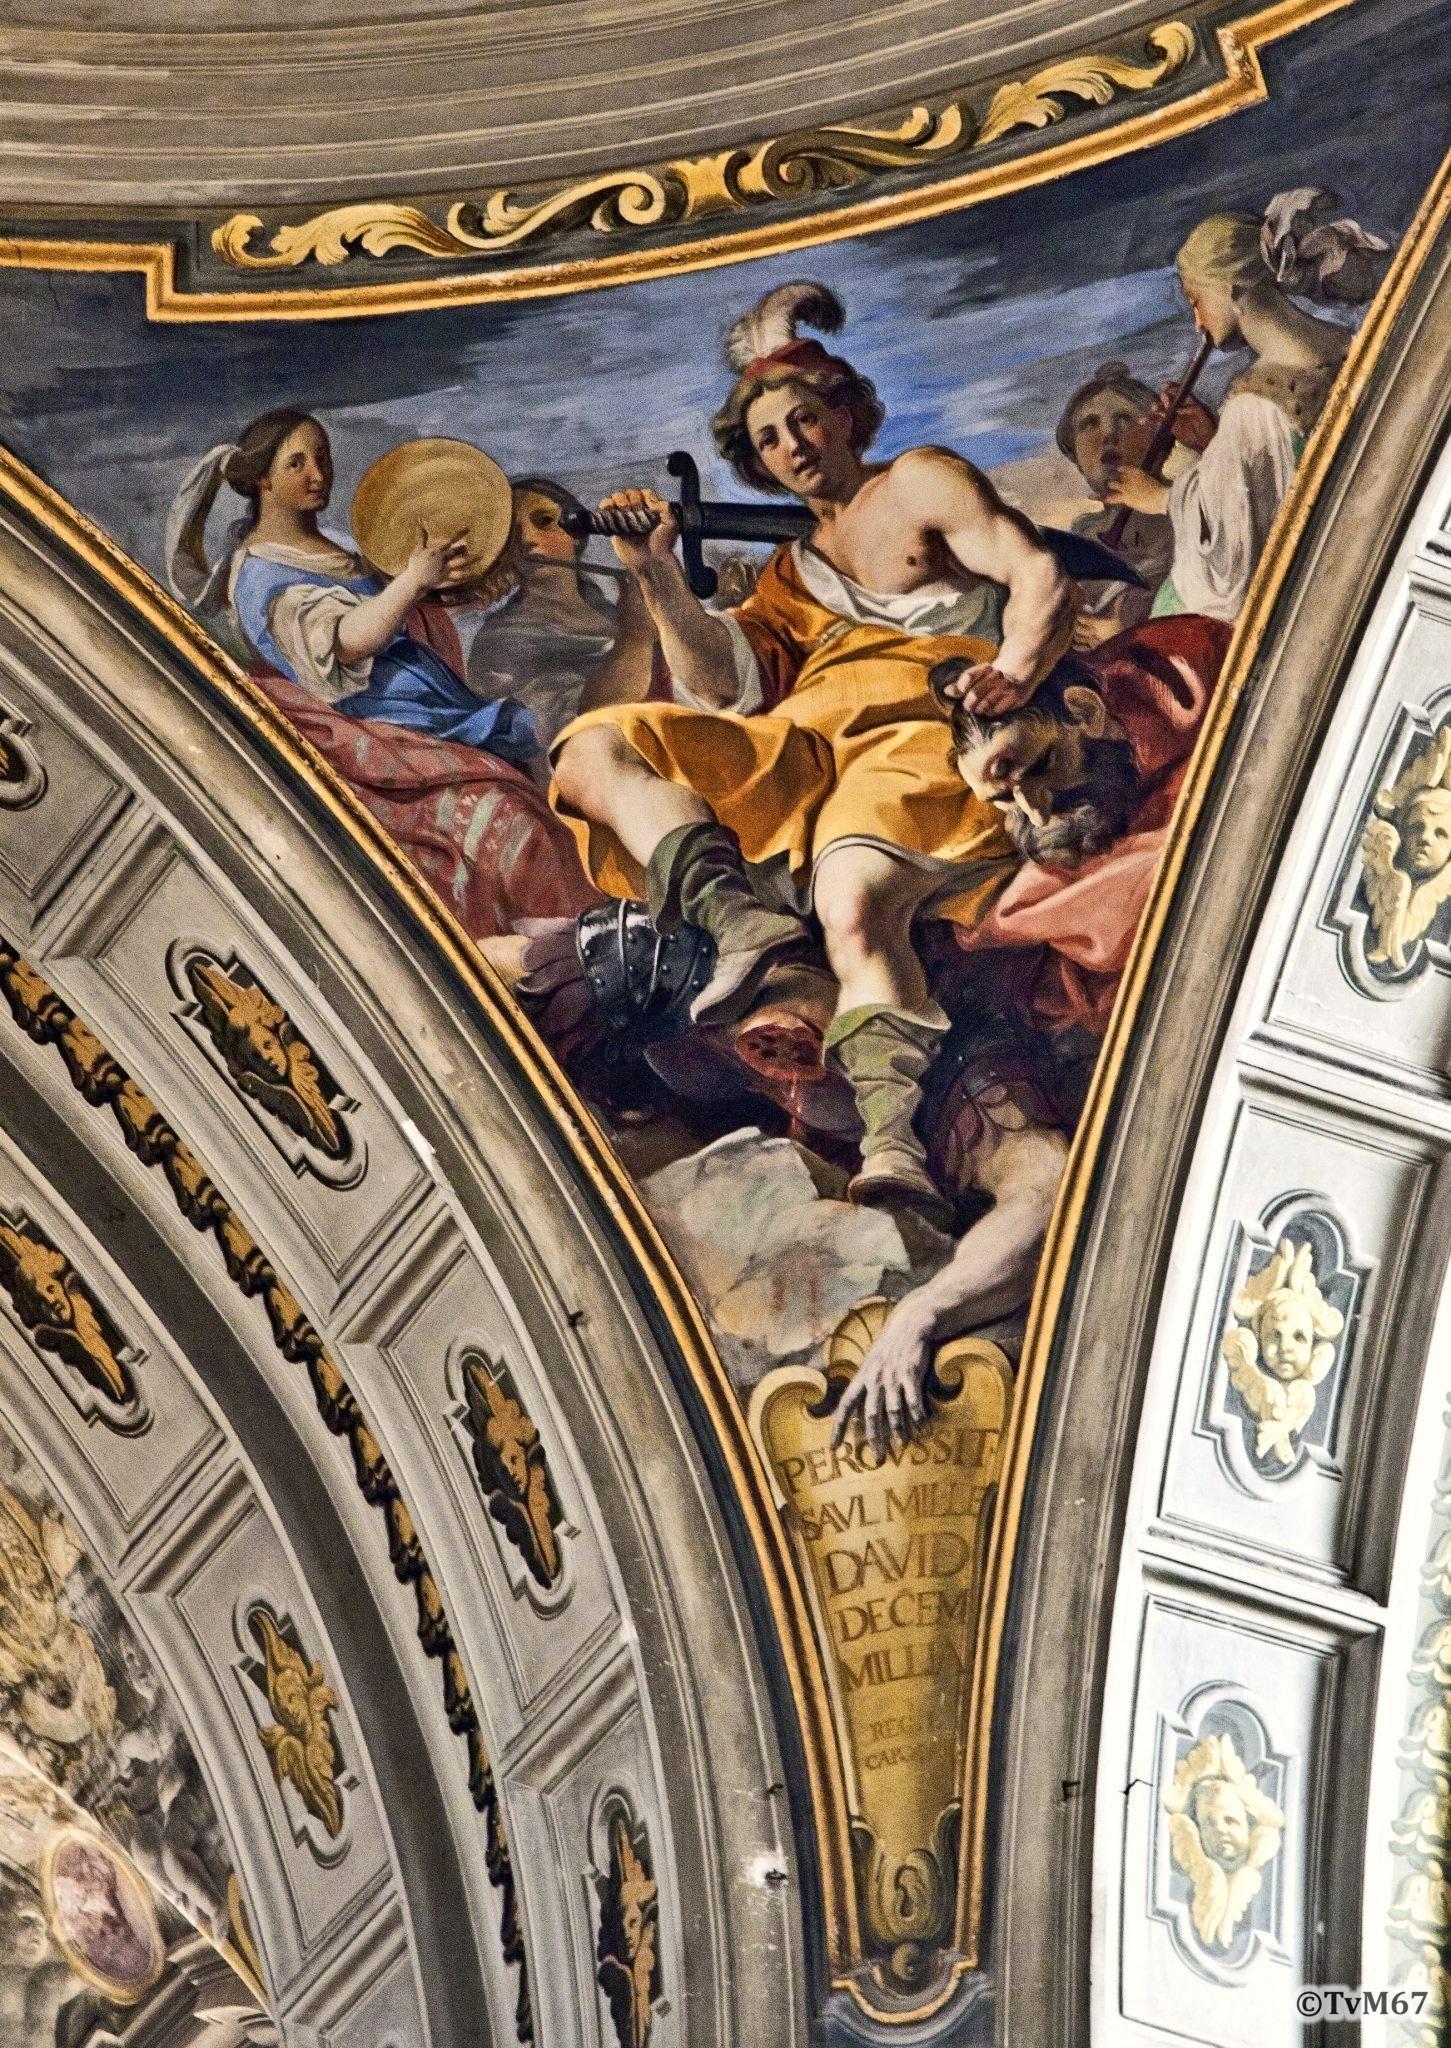 Roma, Chiesa di Sant'Ignazio, Koepel, Pendentief, Pozzo, David, 2011